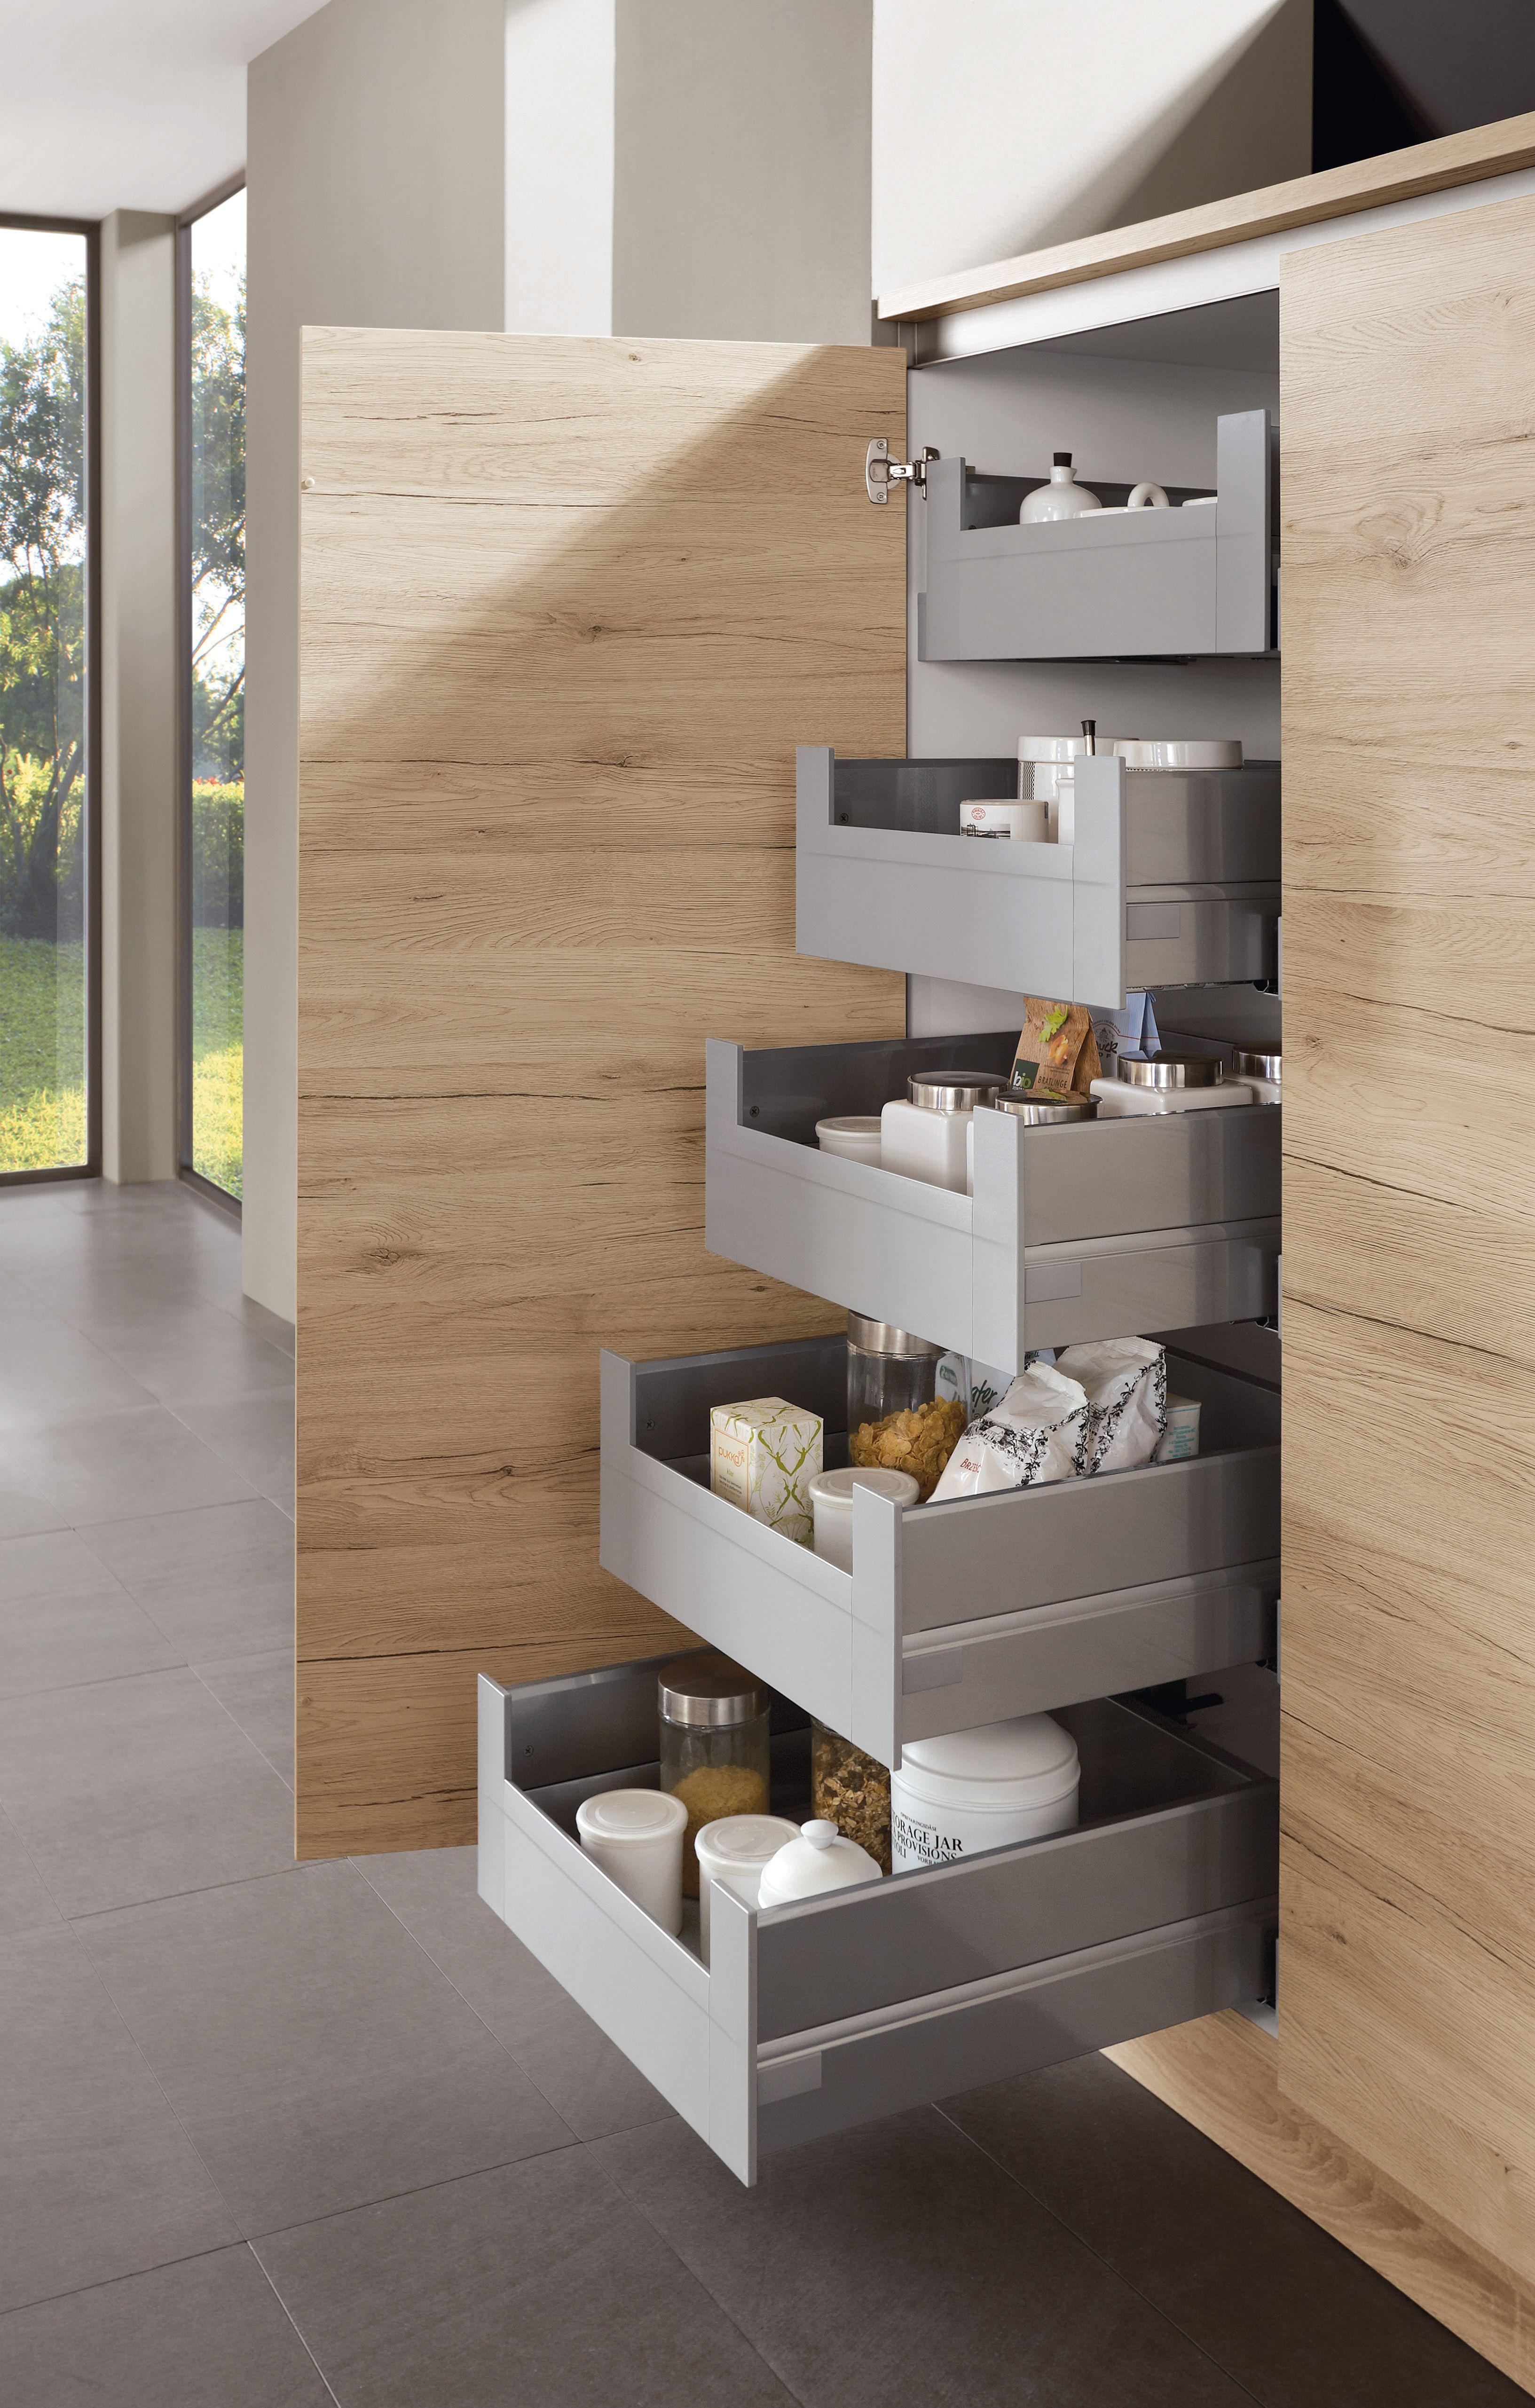 les 25 meilleures id es de la cat gorie tiroir de rangement sur pinterest tiroirs de commode. Black Bedroom Furniture Sets. Home Design Ideas